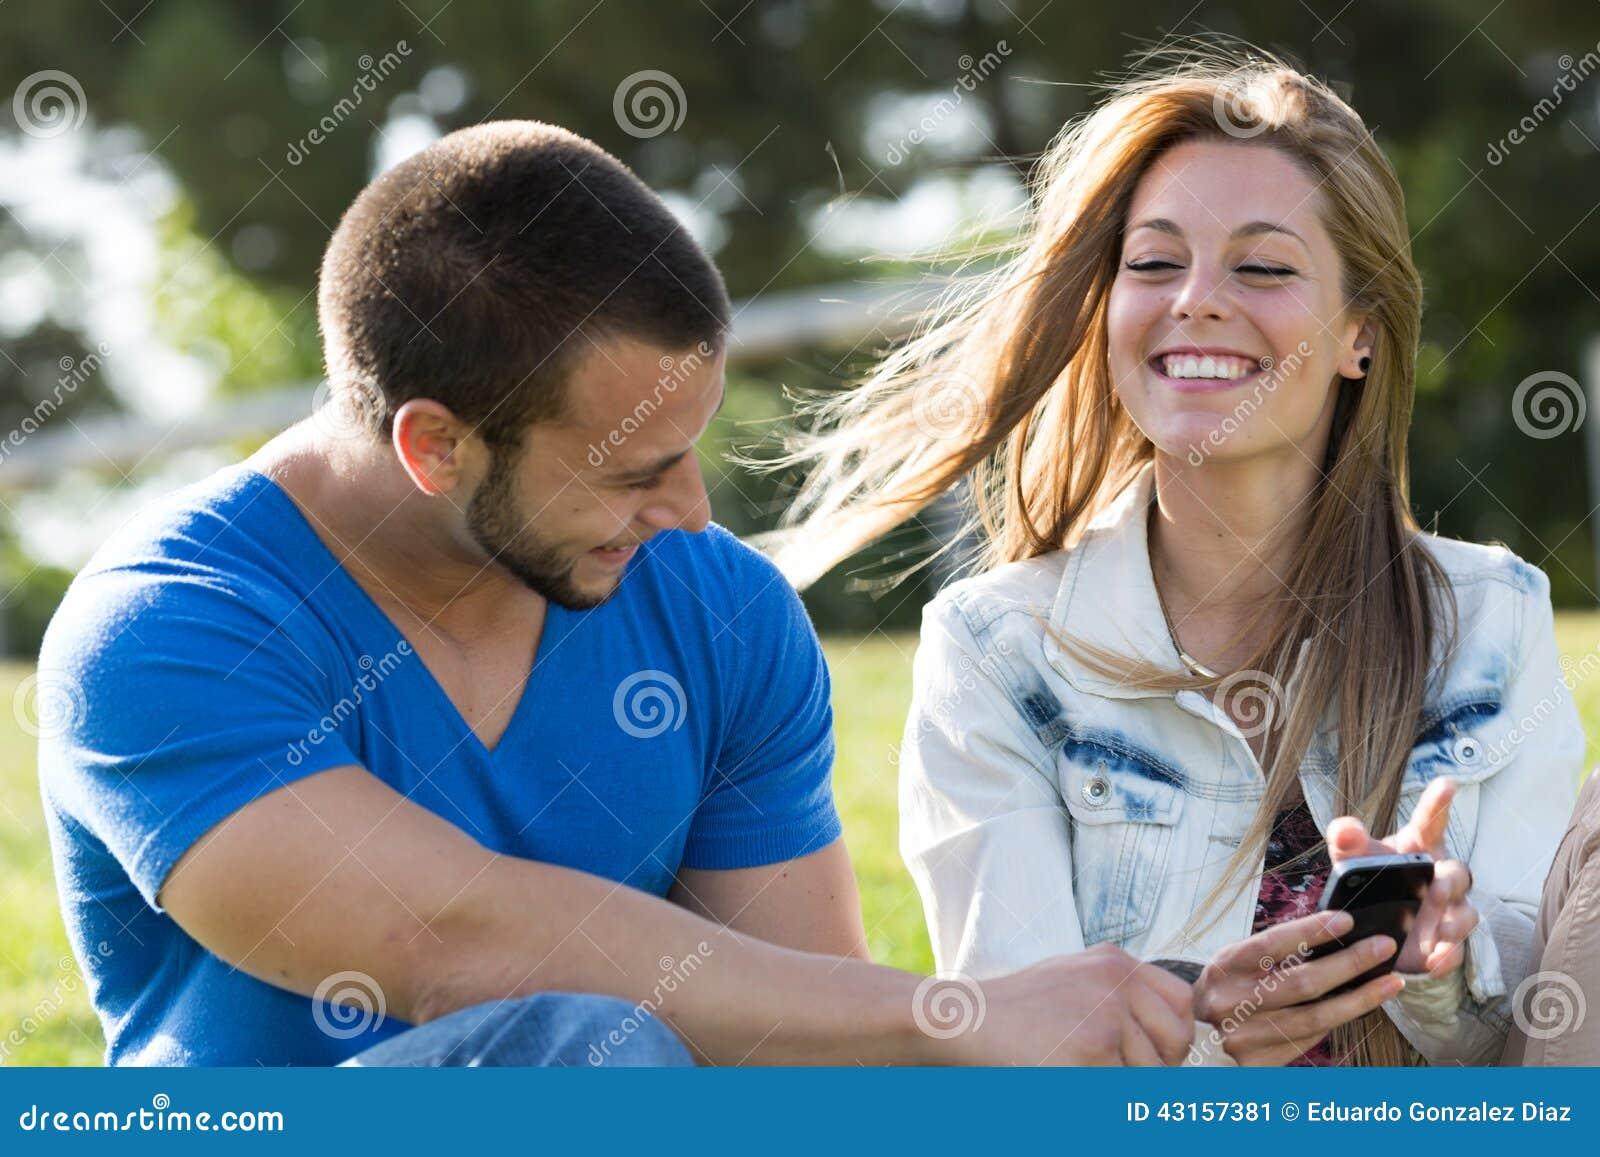 ocd dating website